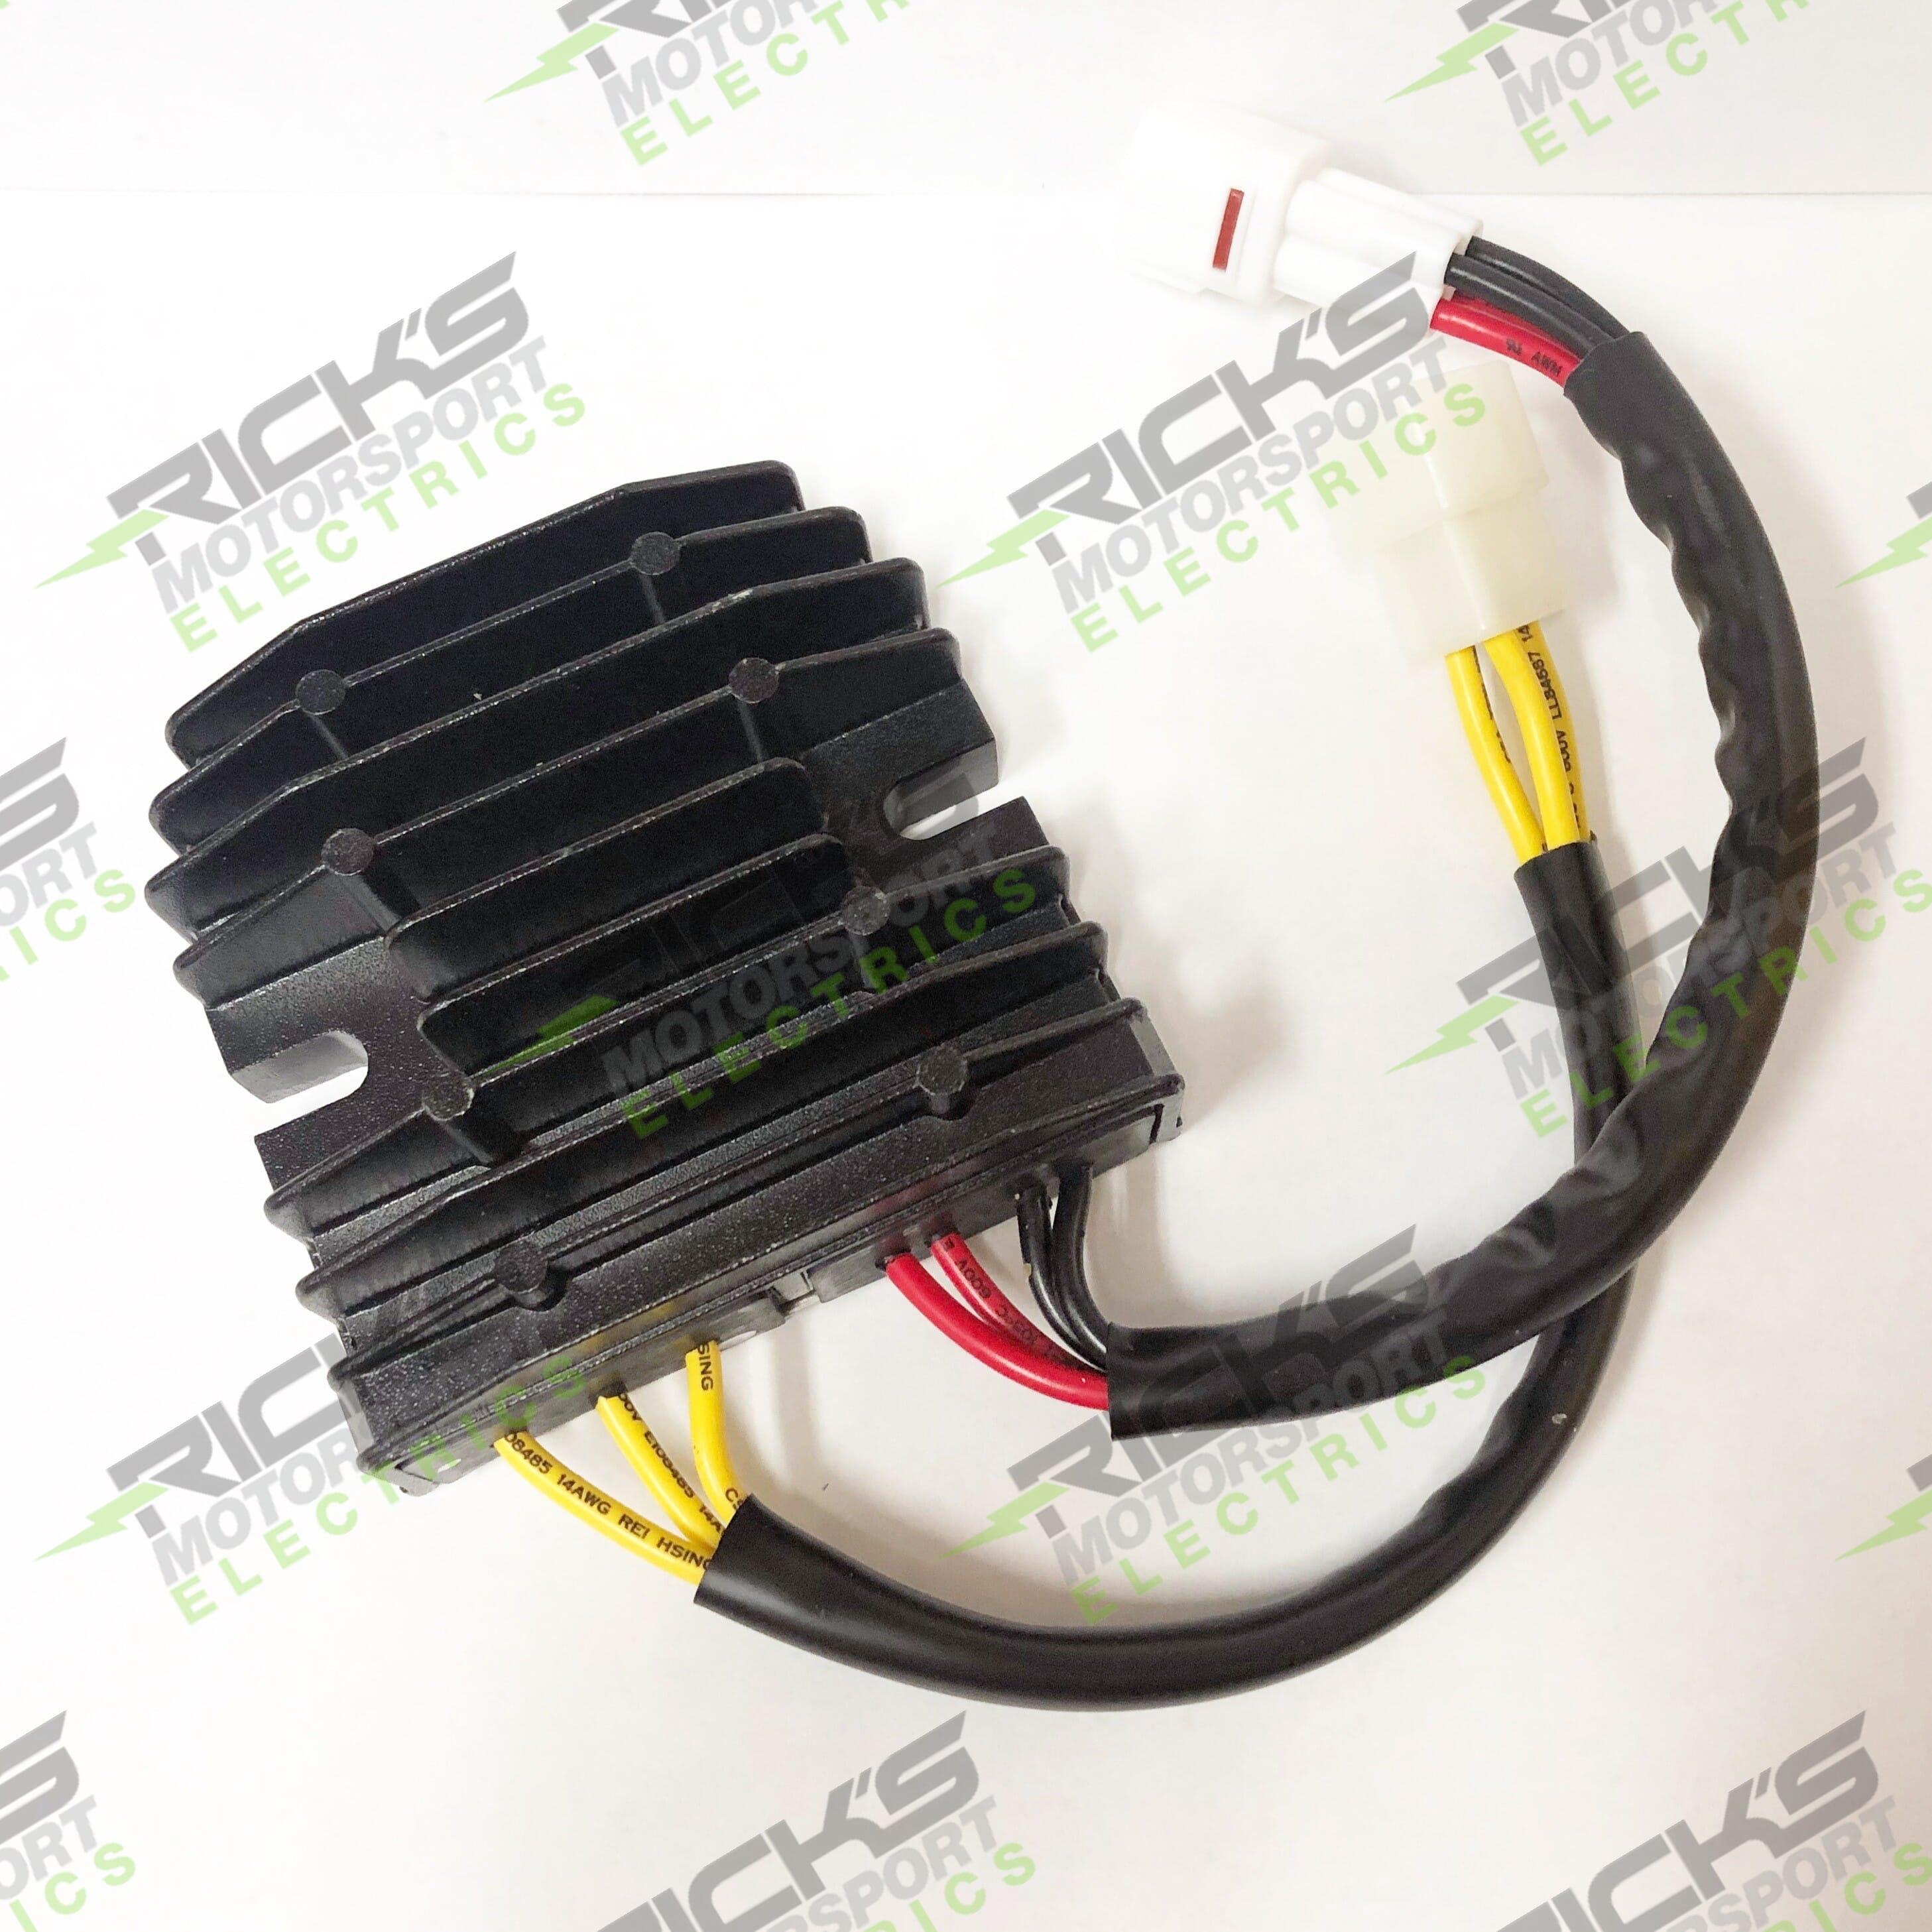 Hot Shot Lith Ion Rectifier Regulator 14_203H